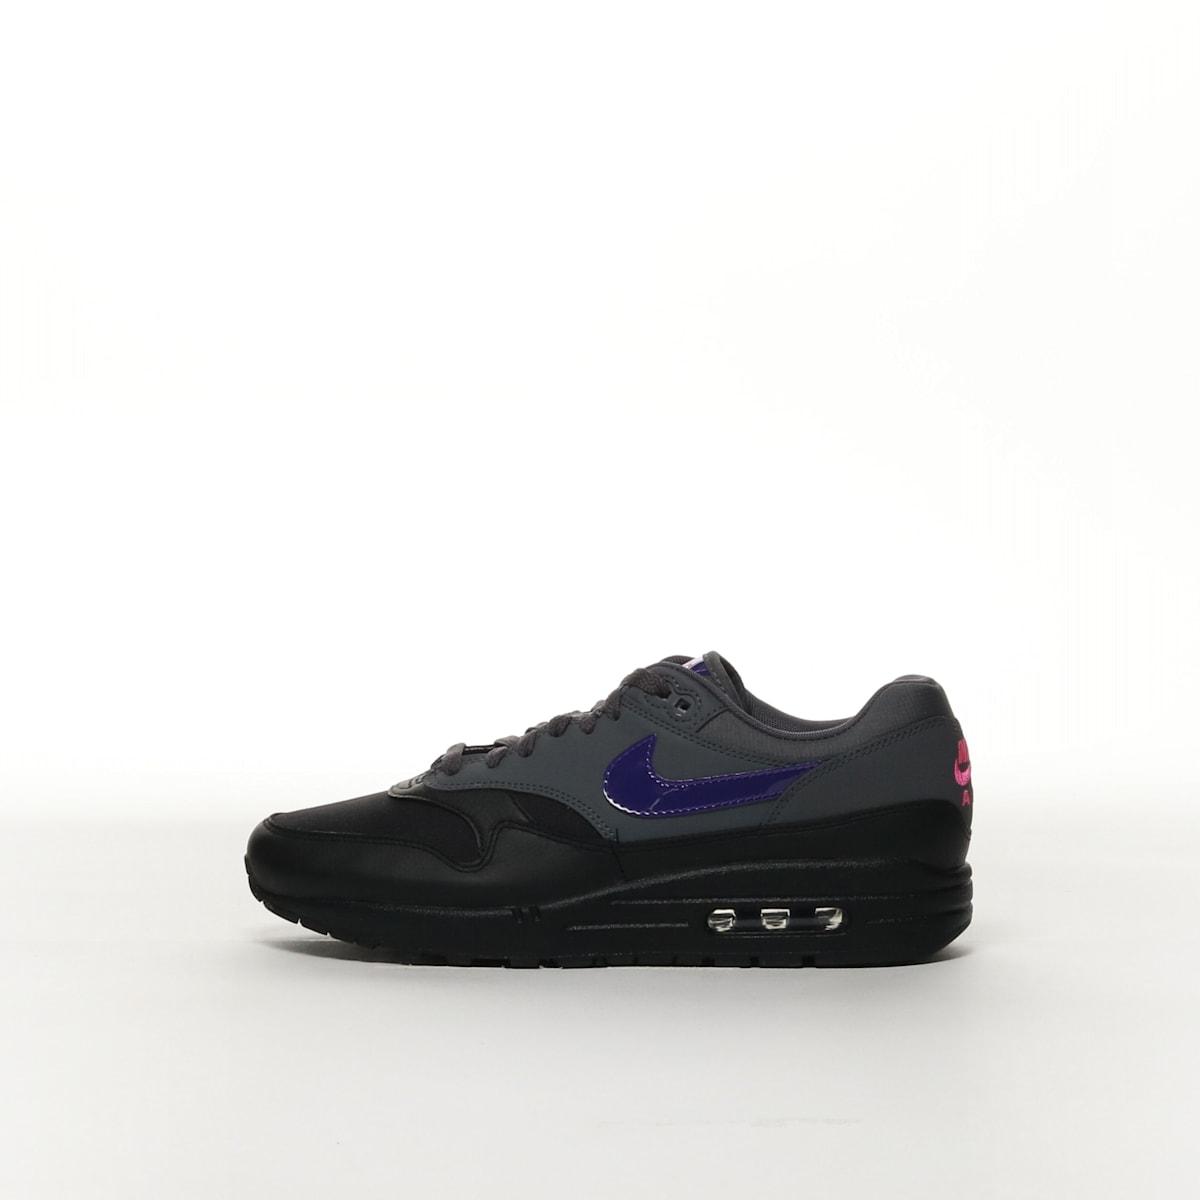 online store 4140f 24864 Nike Air Max 1 - DARK GREY BLACK PINK BLAST FIERCE PURPLE â